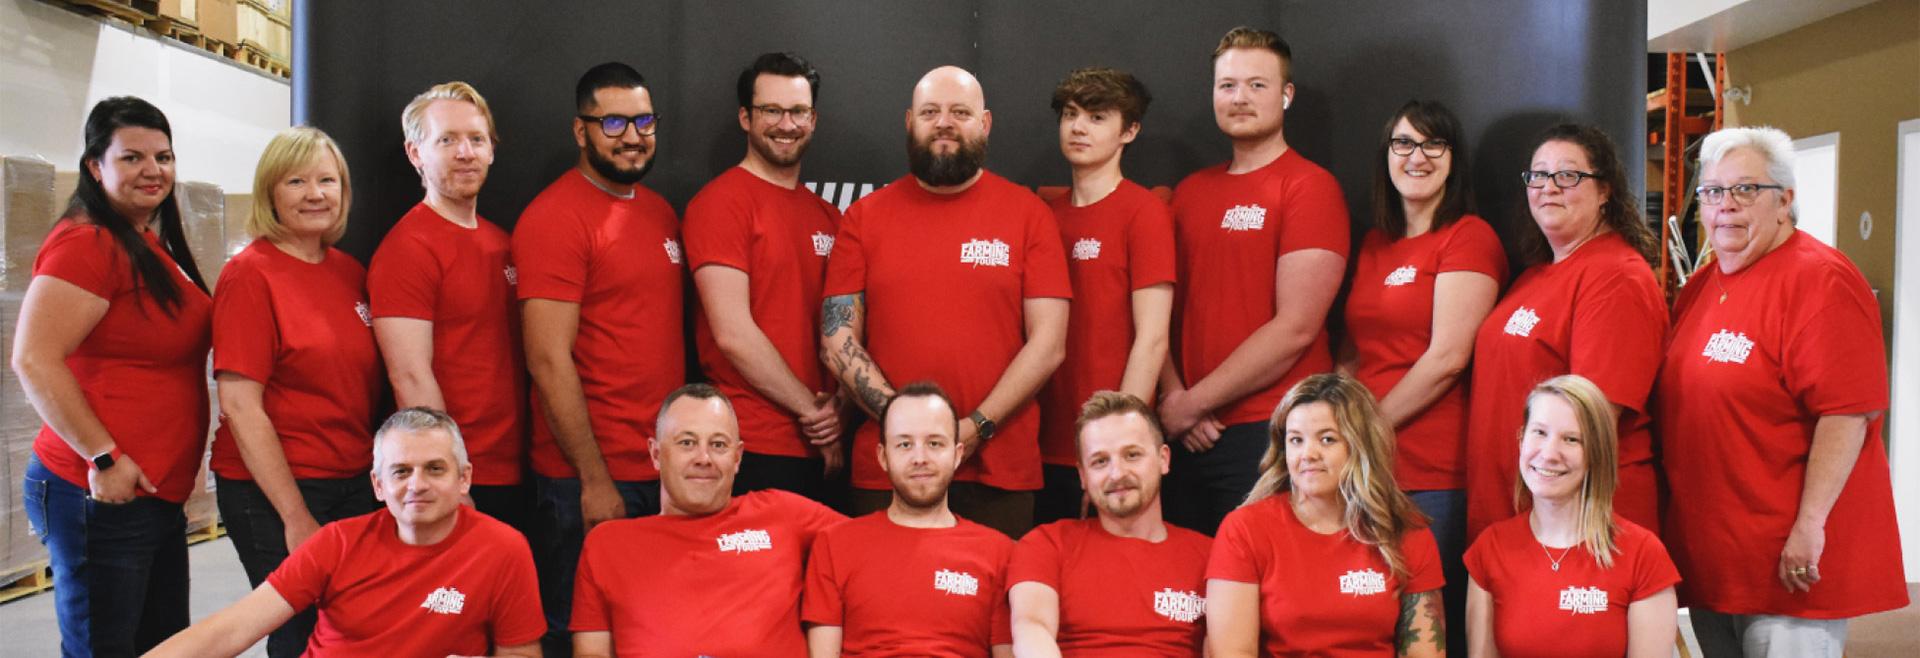 Thunderstruck team